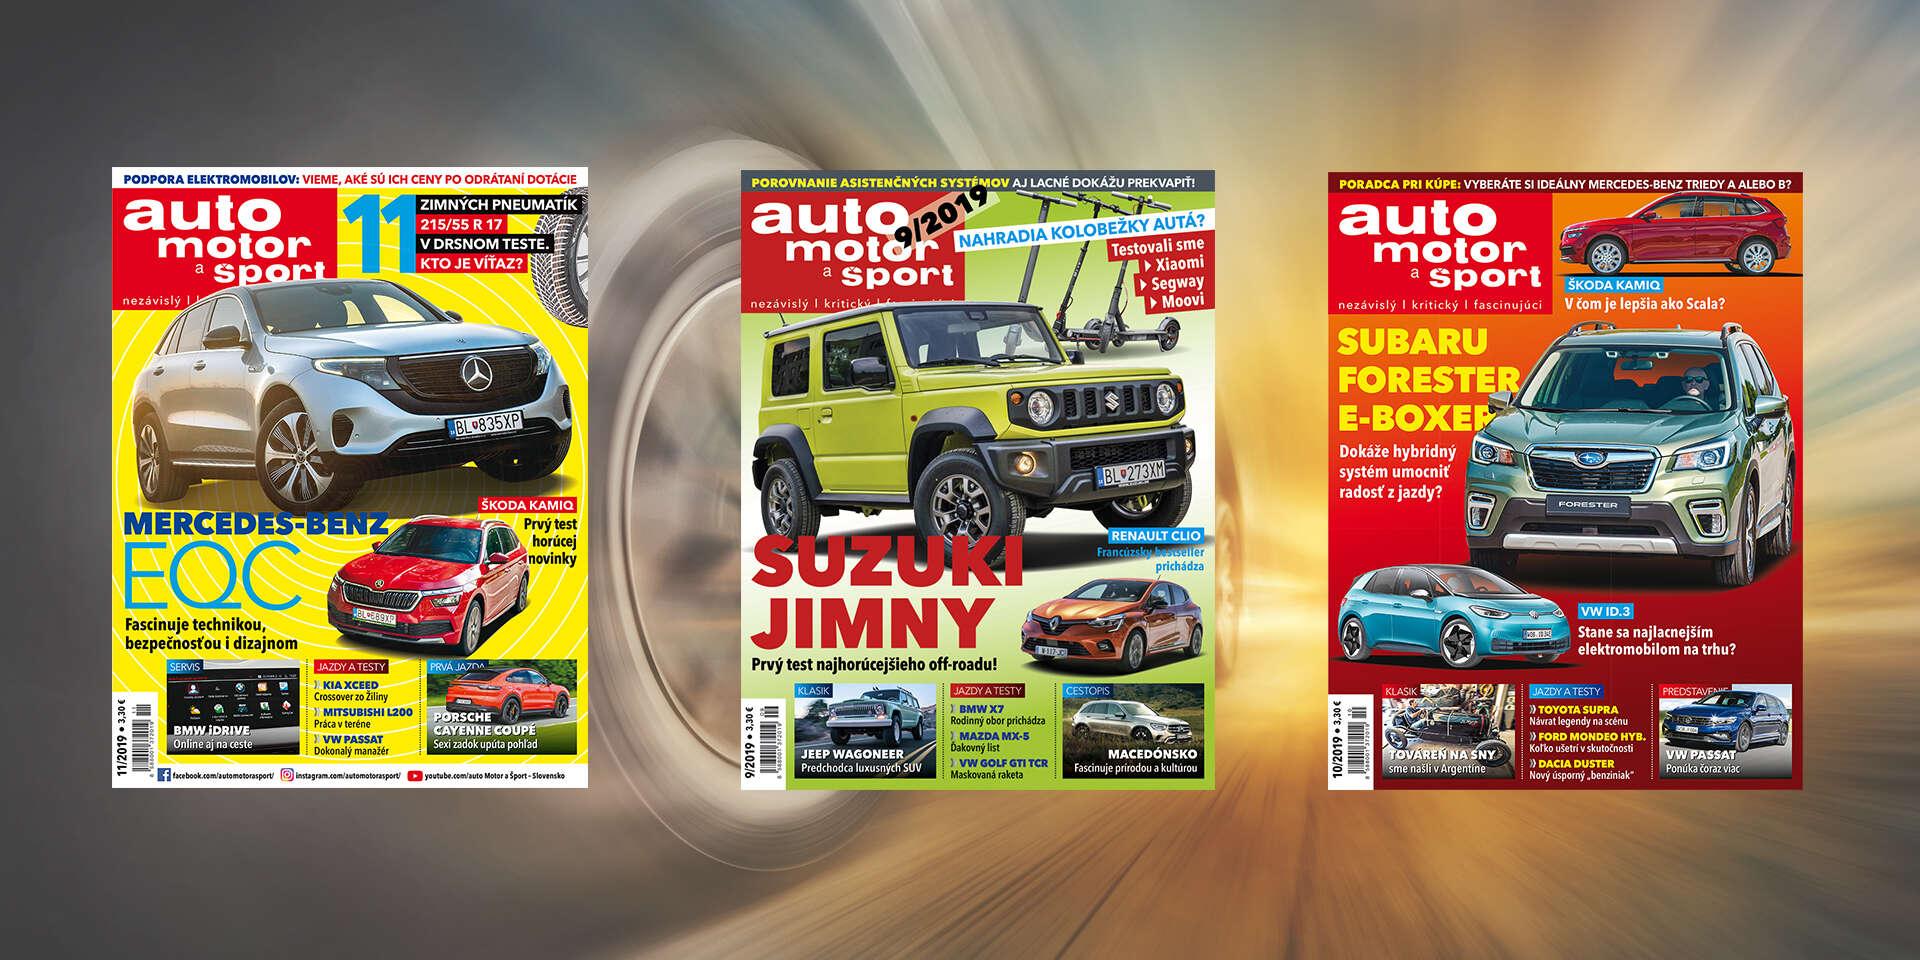 Predplatné časopisu Auto Motor a Šport - 12 alebo 6 časopisov